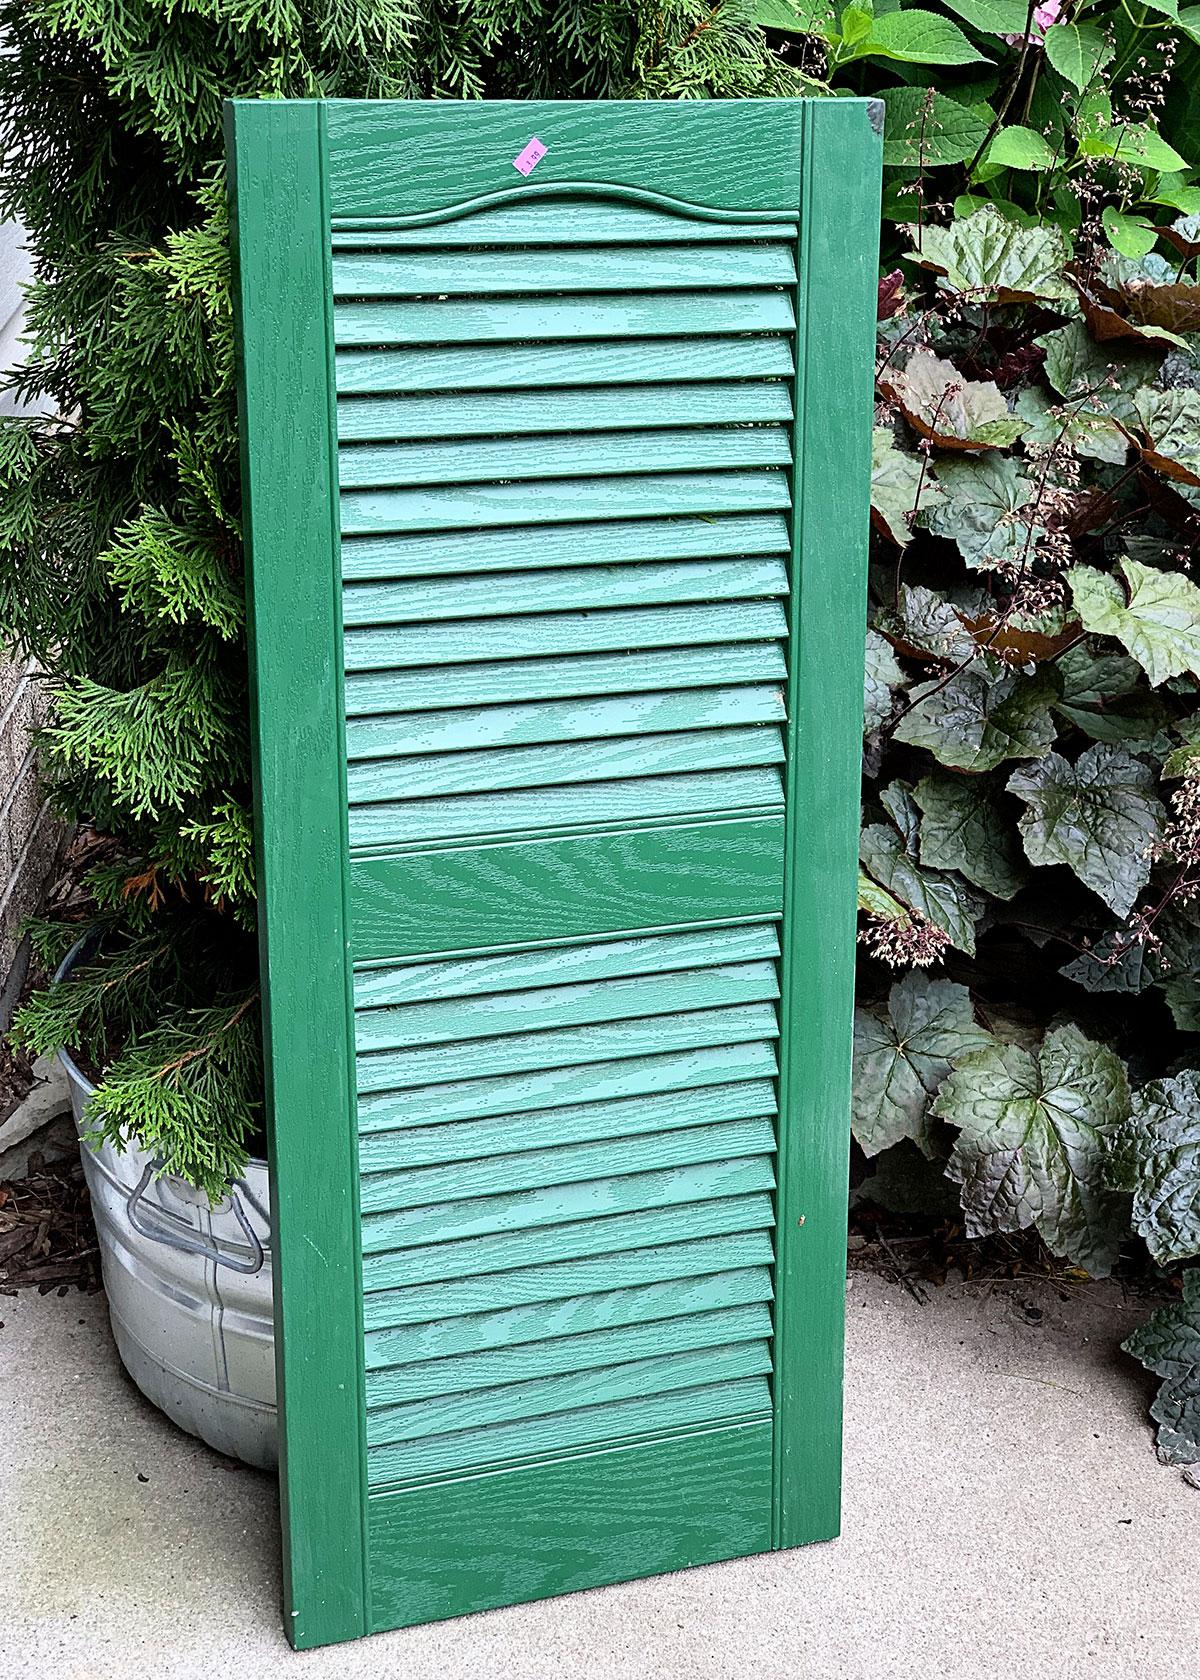 Green vinyl house shutter.